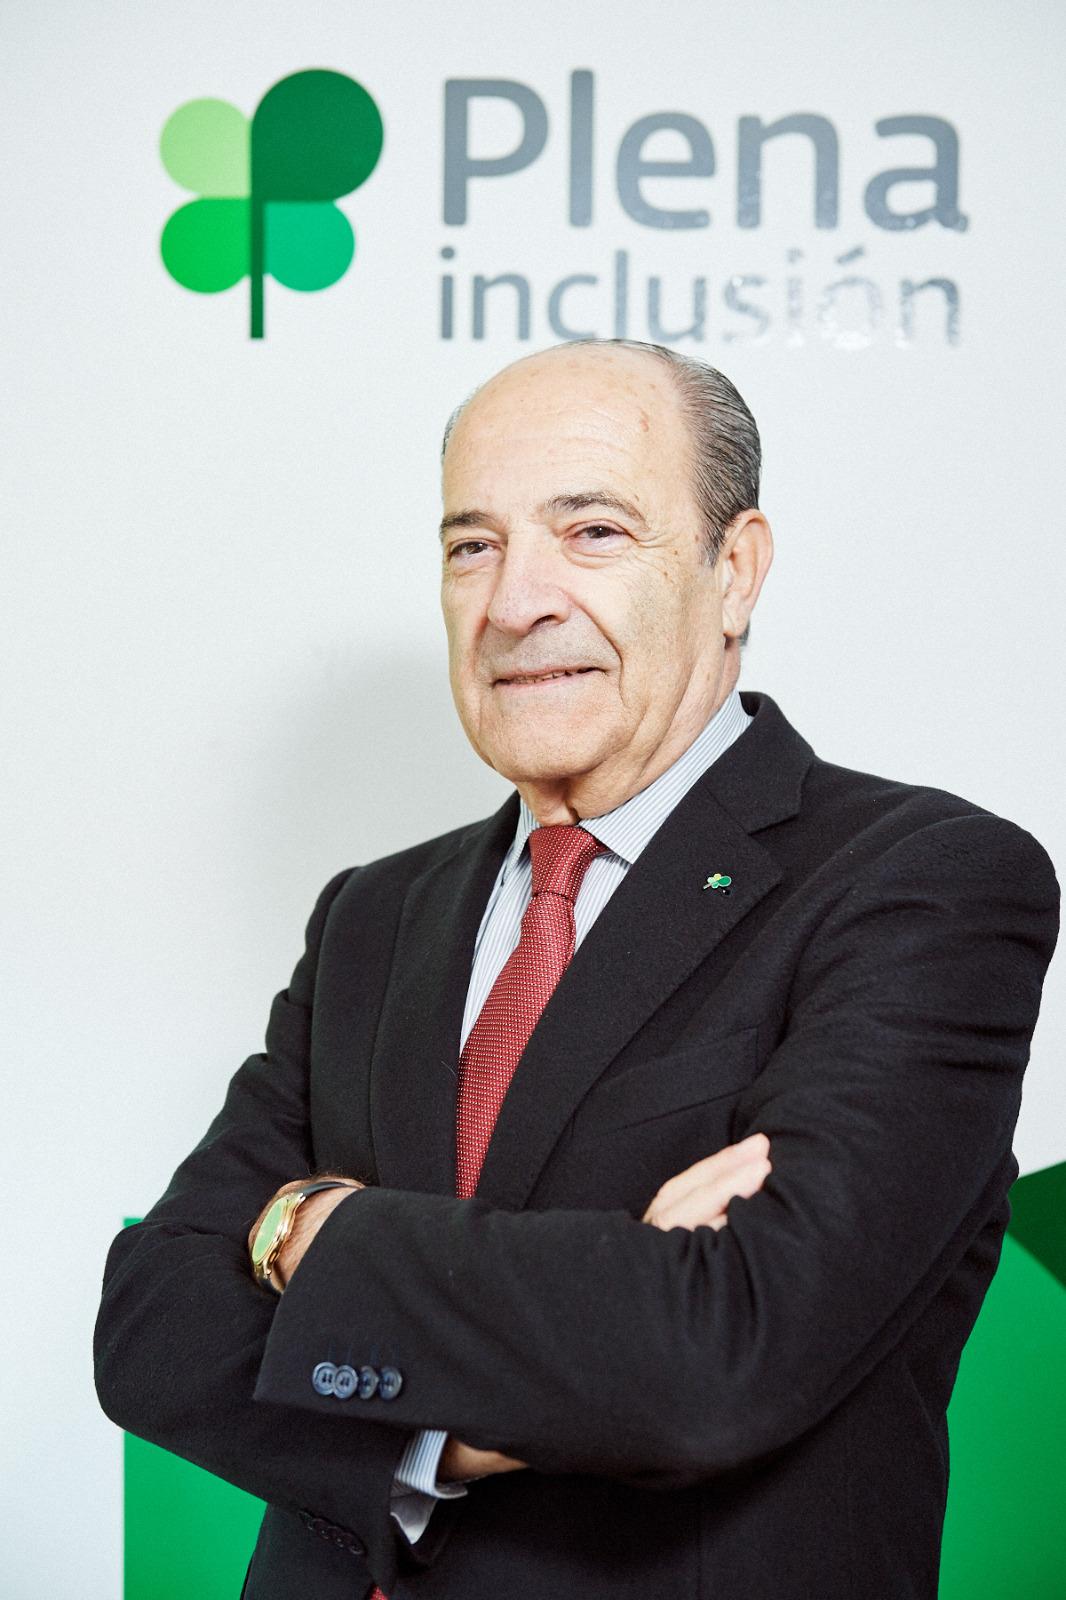 Mario Puerto